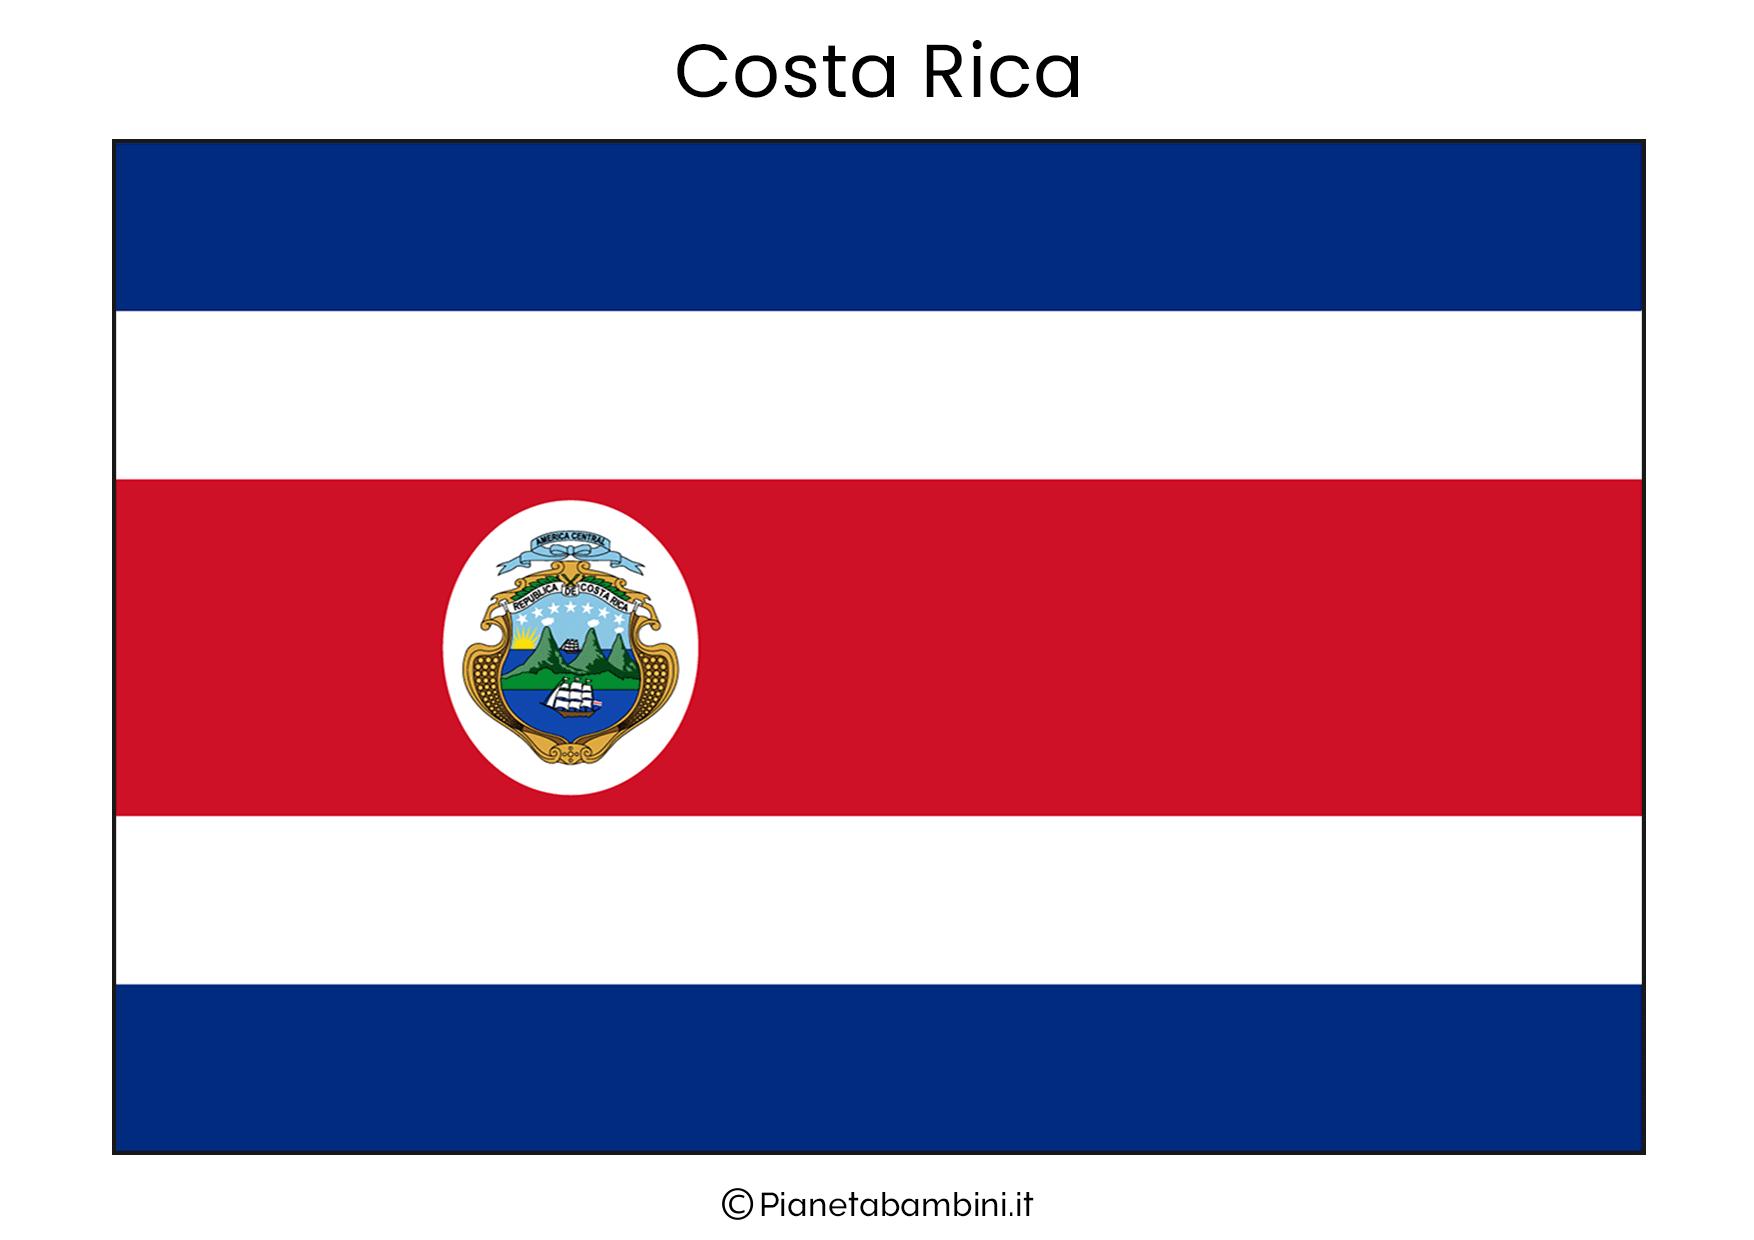 Bandiera della Costa Rica da stampare